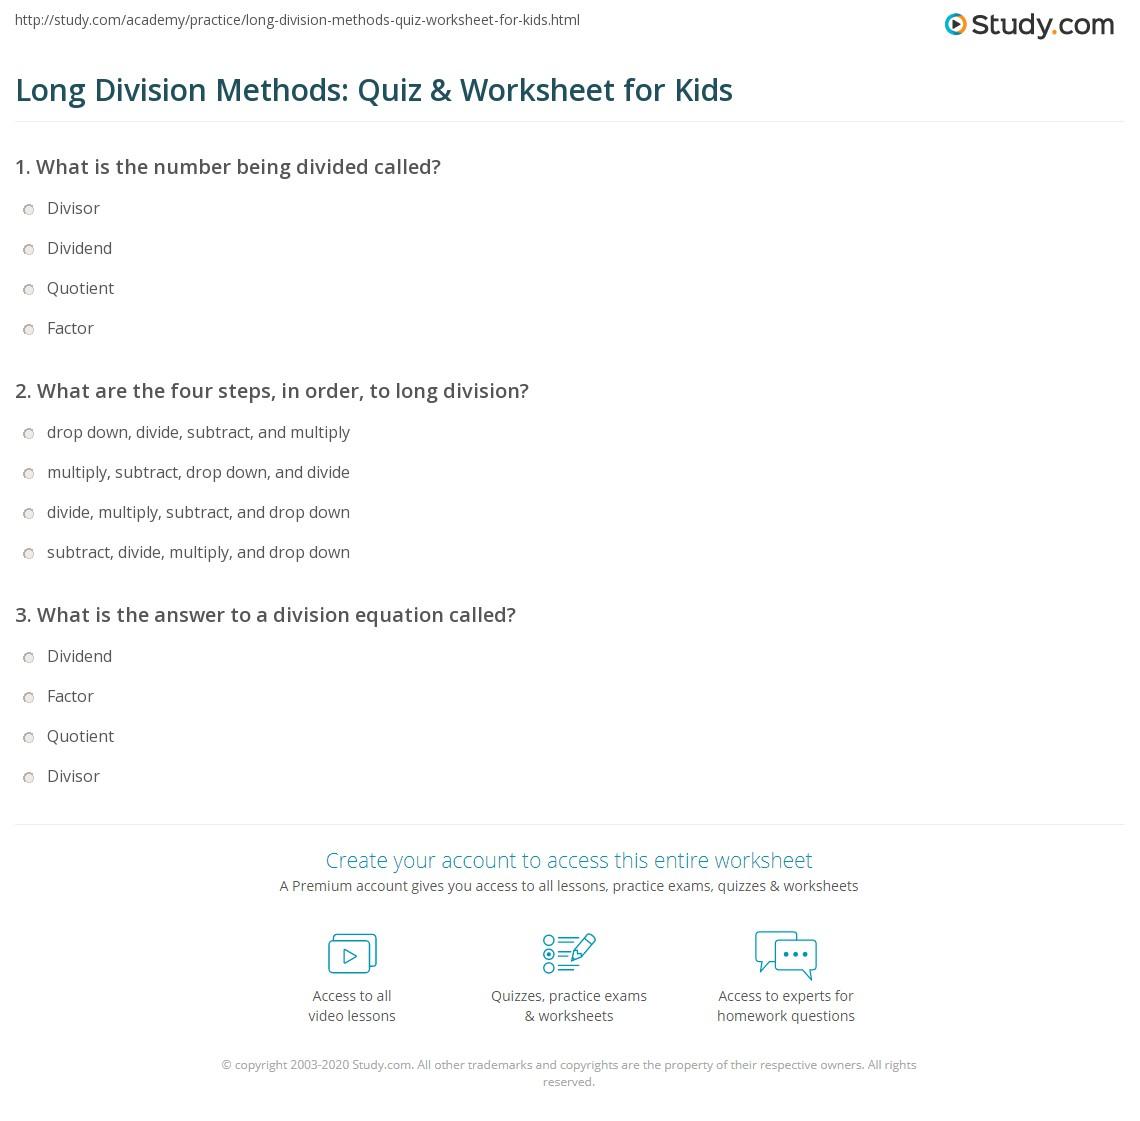 worksheet Long Division Practice Worksheet long division methods quiz worksheet for kids study com print steps lesson worksheet